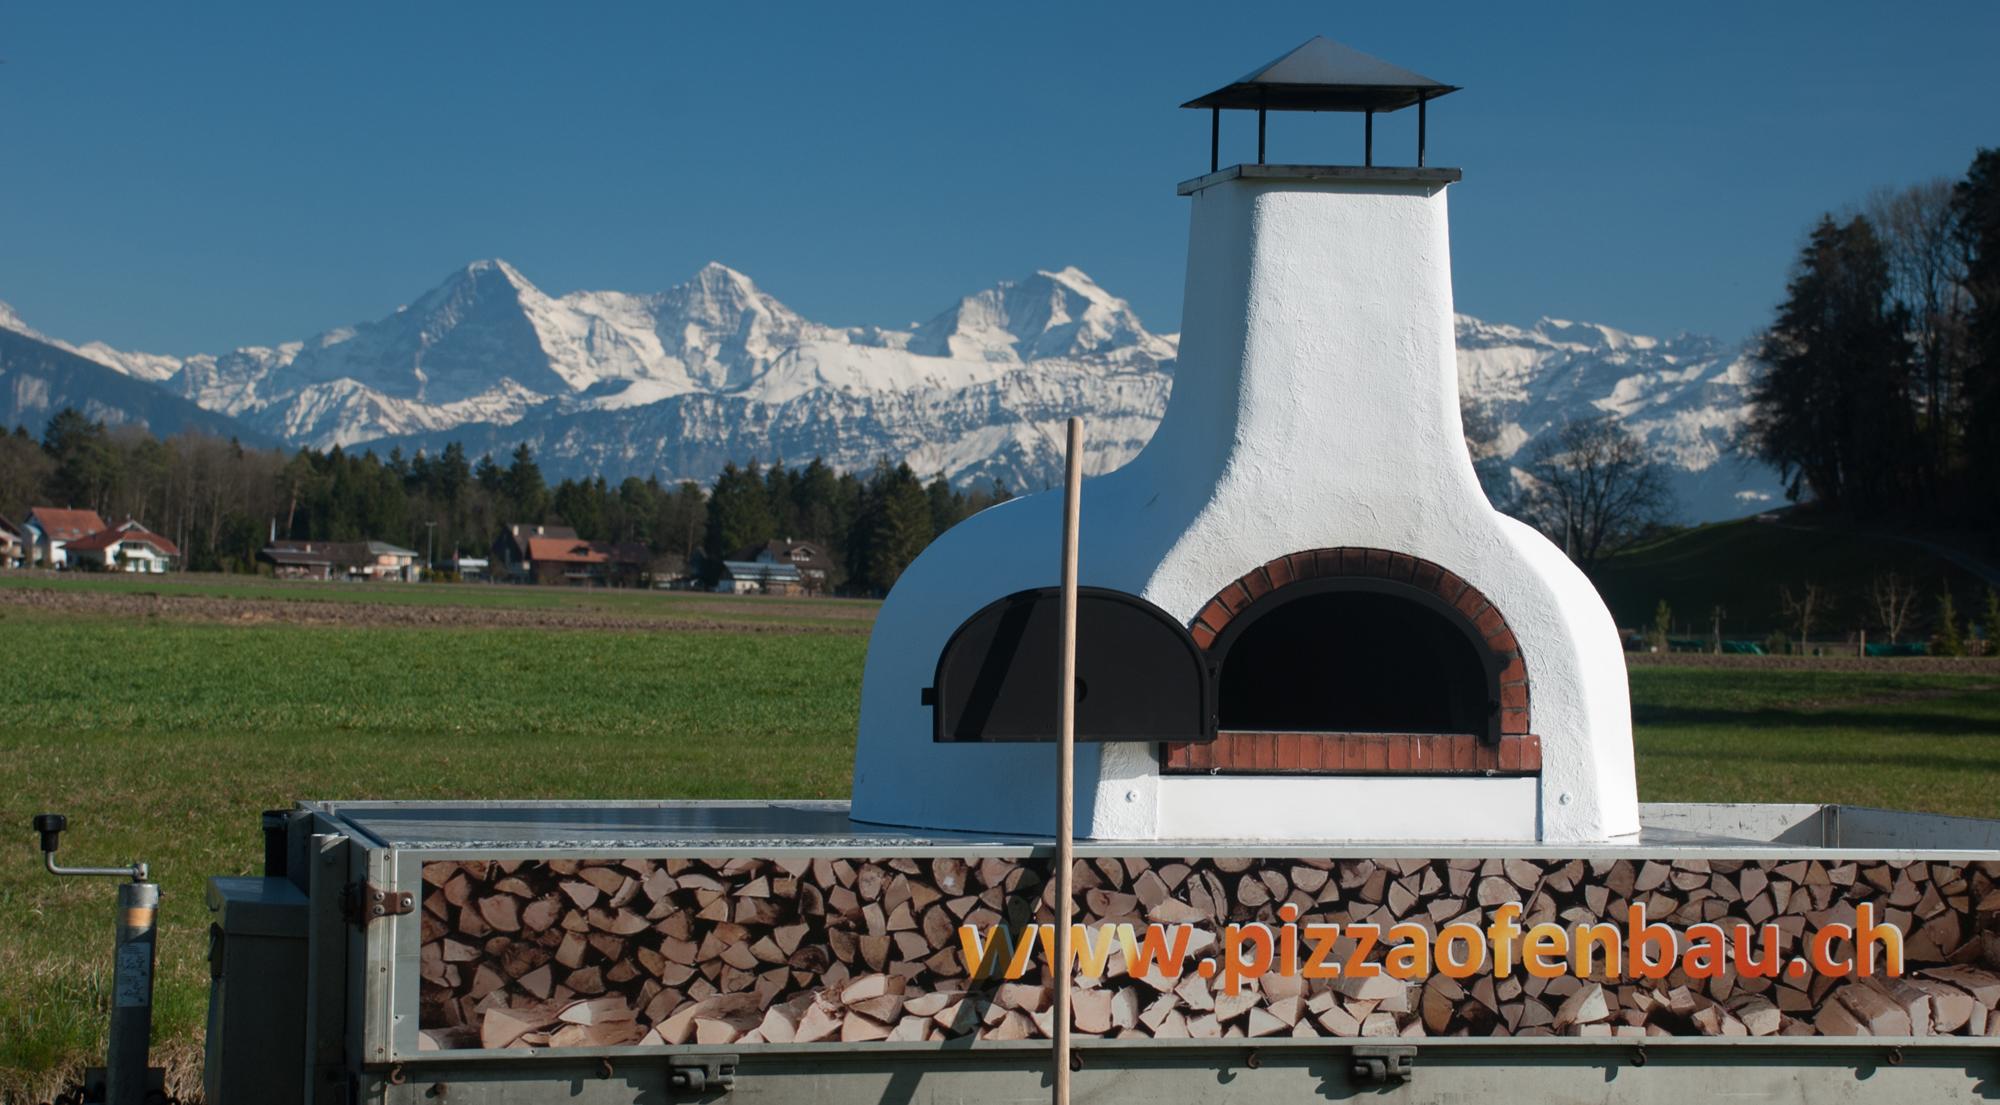 11. Eiger, Mönch und Pizzaofen